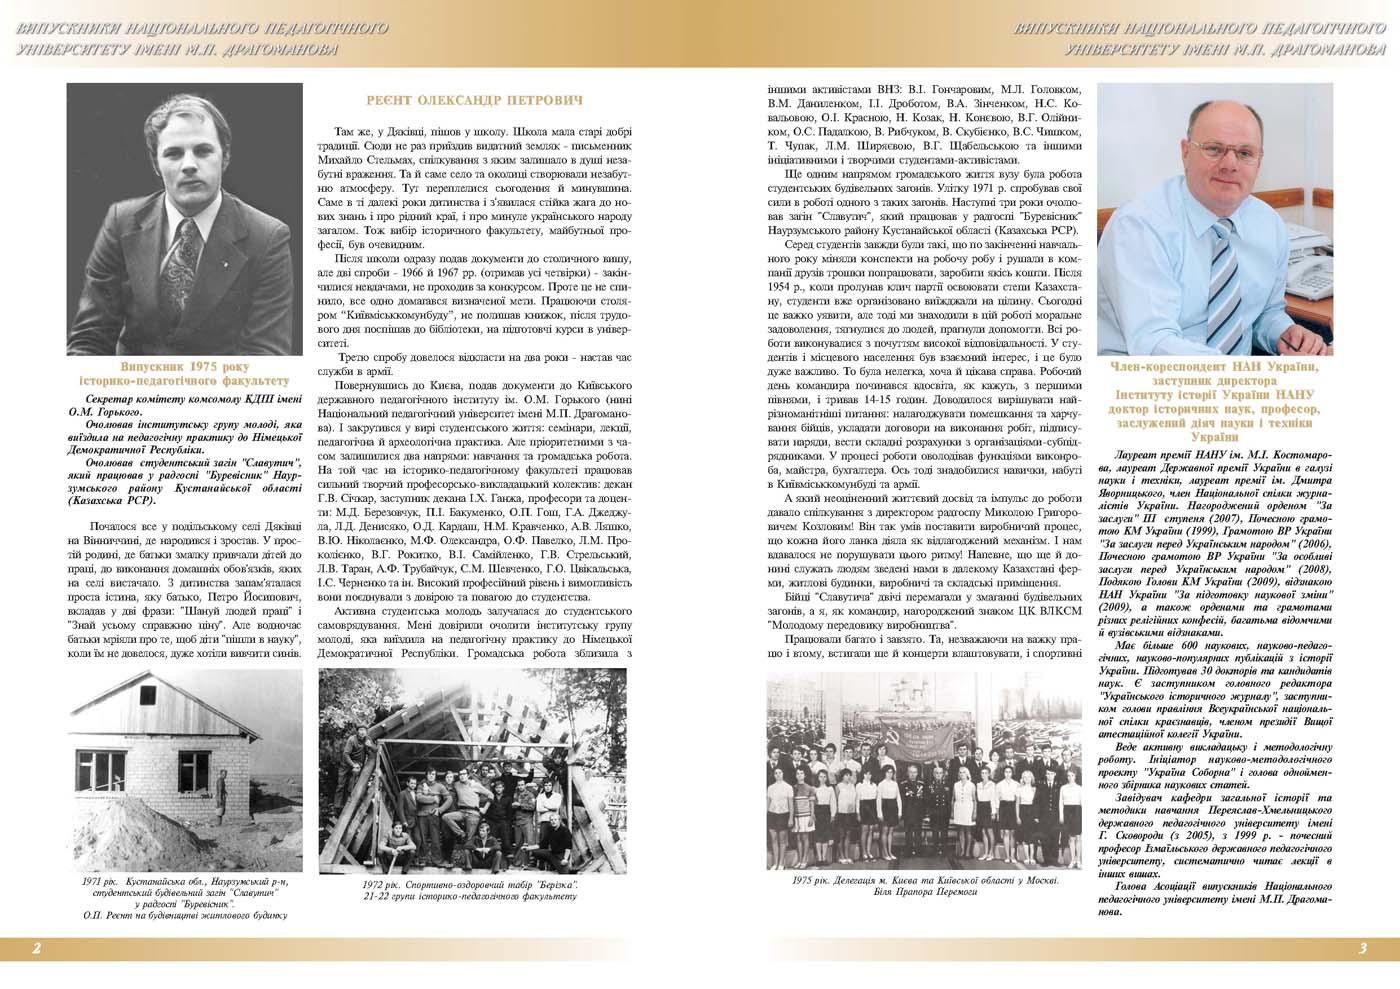 ВИПУСКНИКИ НАЦІОНАЛЬНОГО ПЕДАГОГІЧНОГО УНІВЕРСИТЕТУ ІМЕНІ М.П. ДРАГОМАНОВА